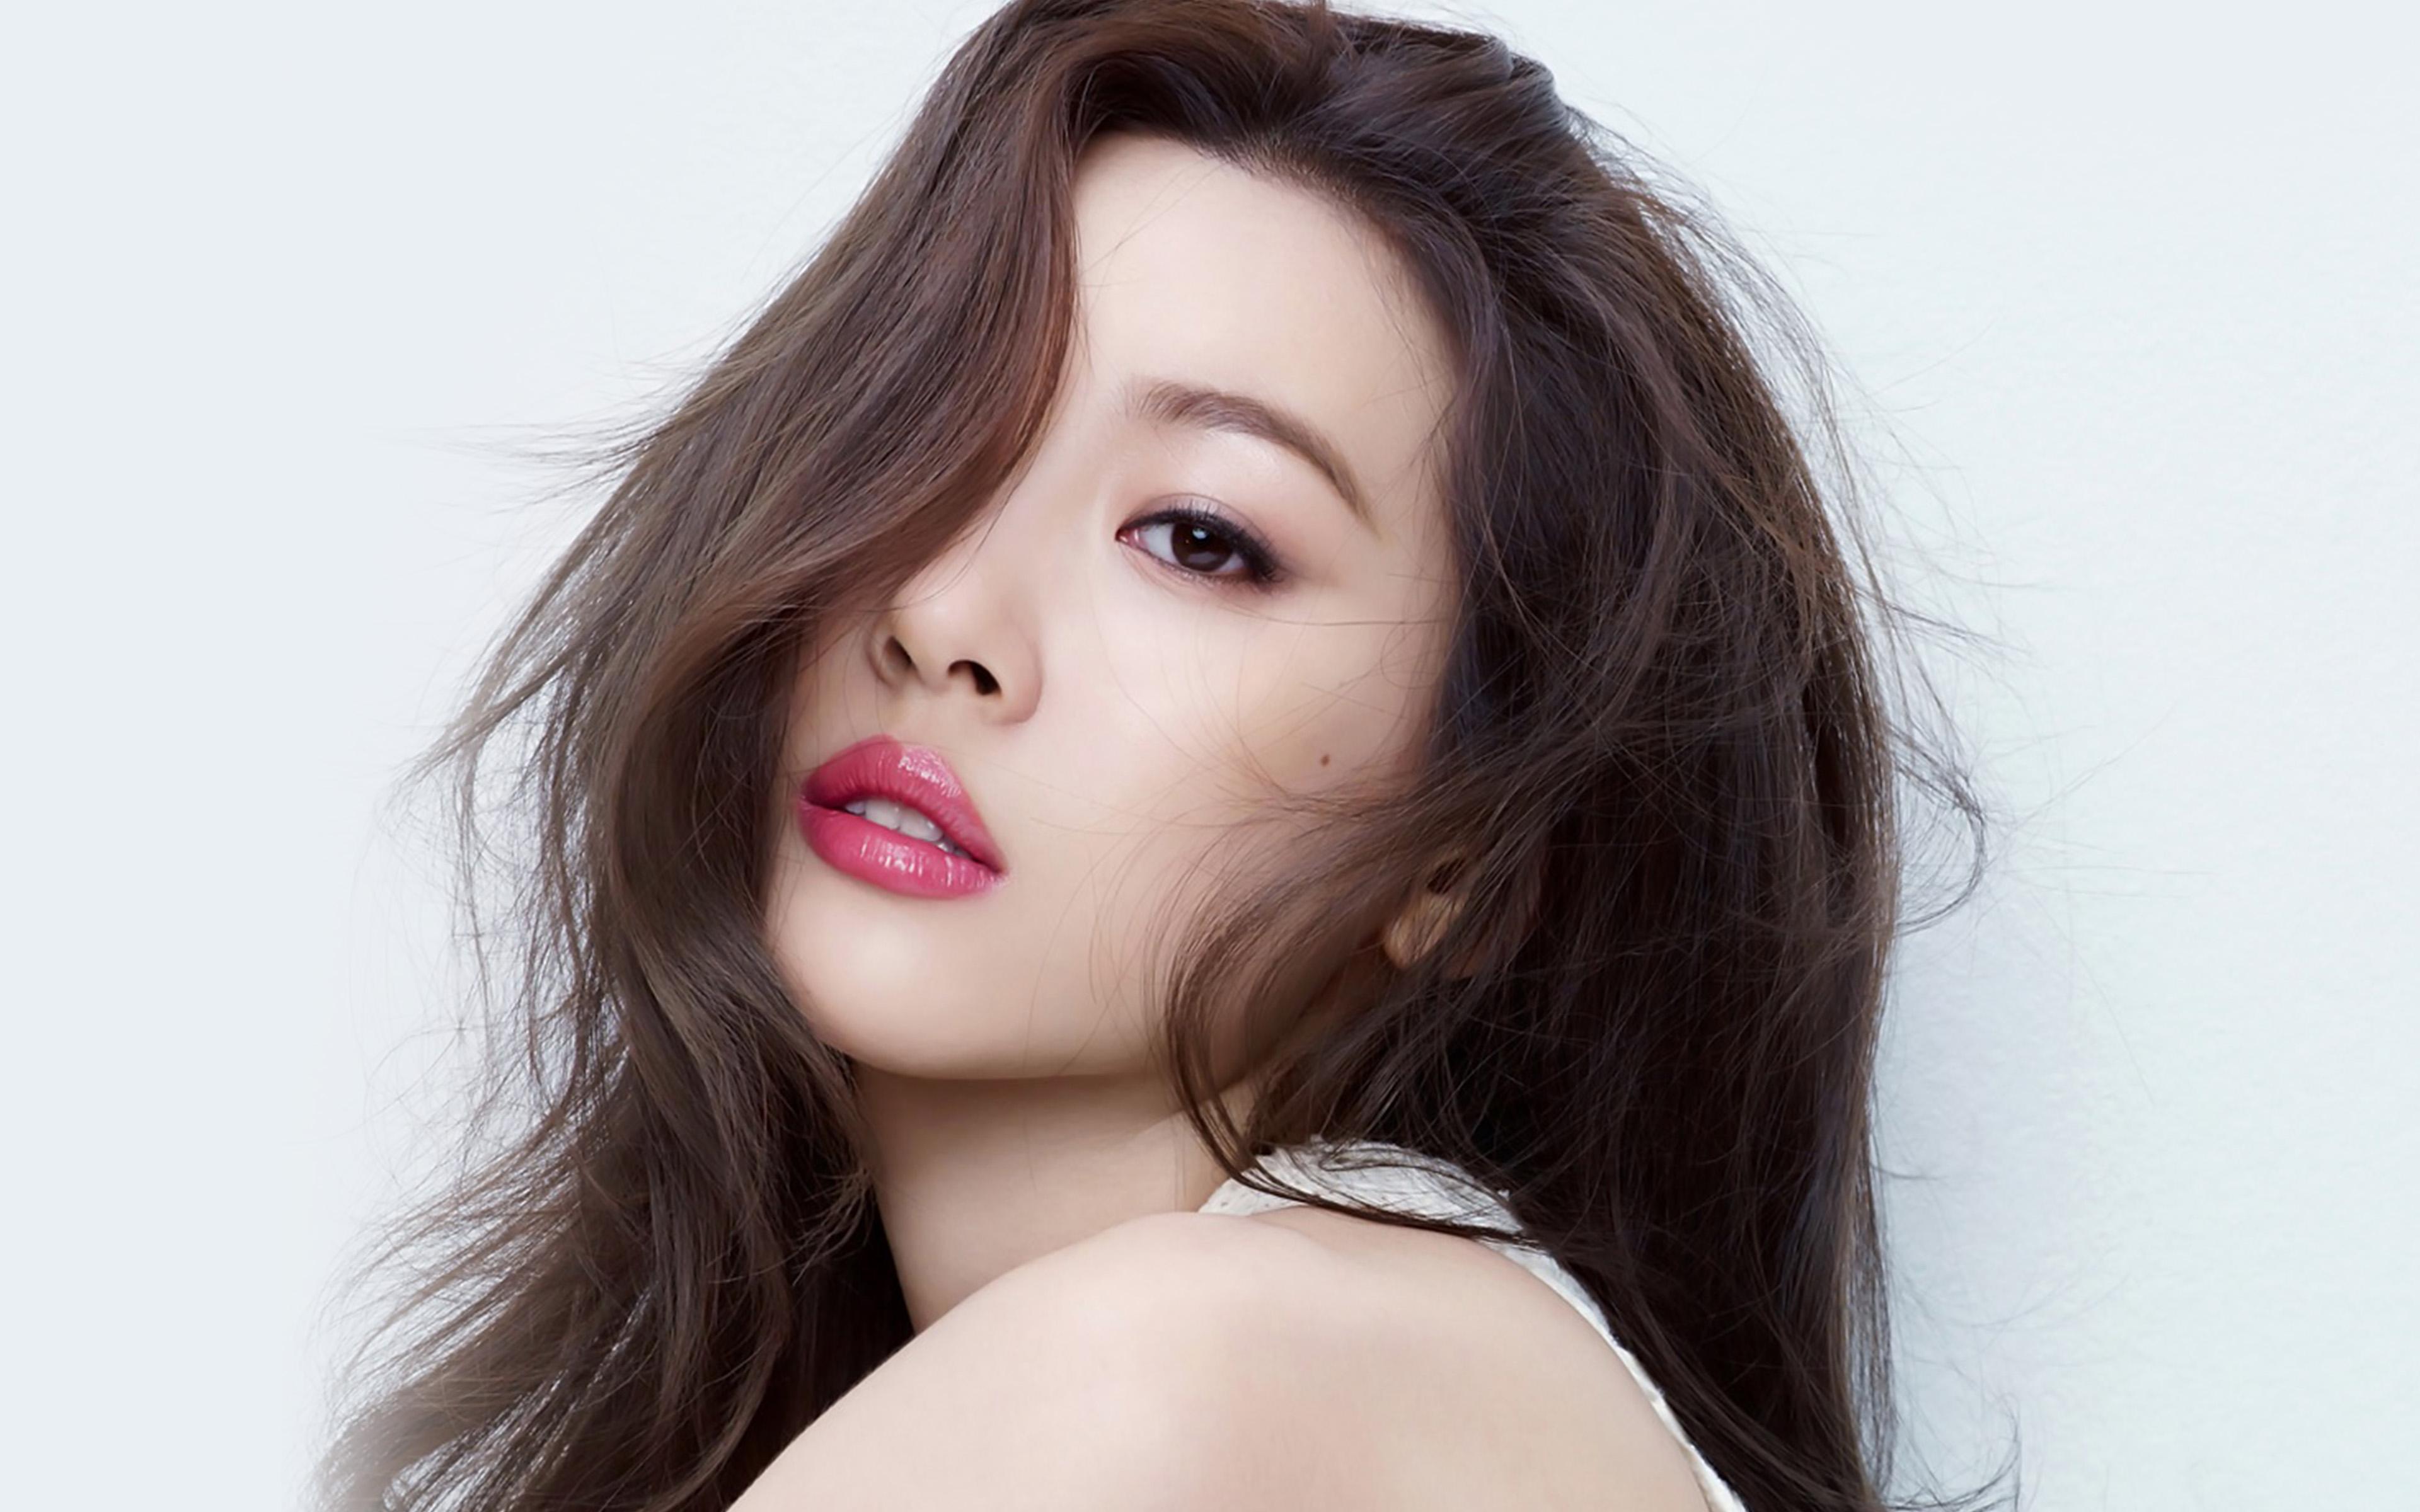 hk20-kpop-jyp-girl-white-asian-sunmi-wallpaper